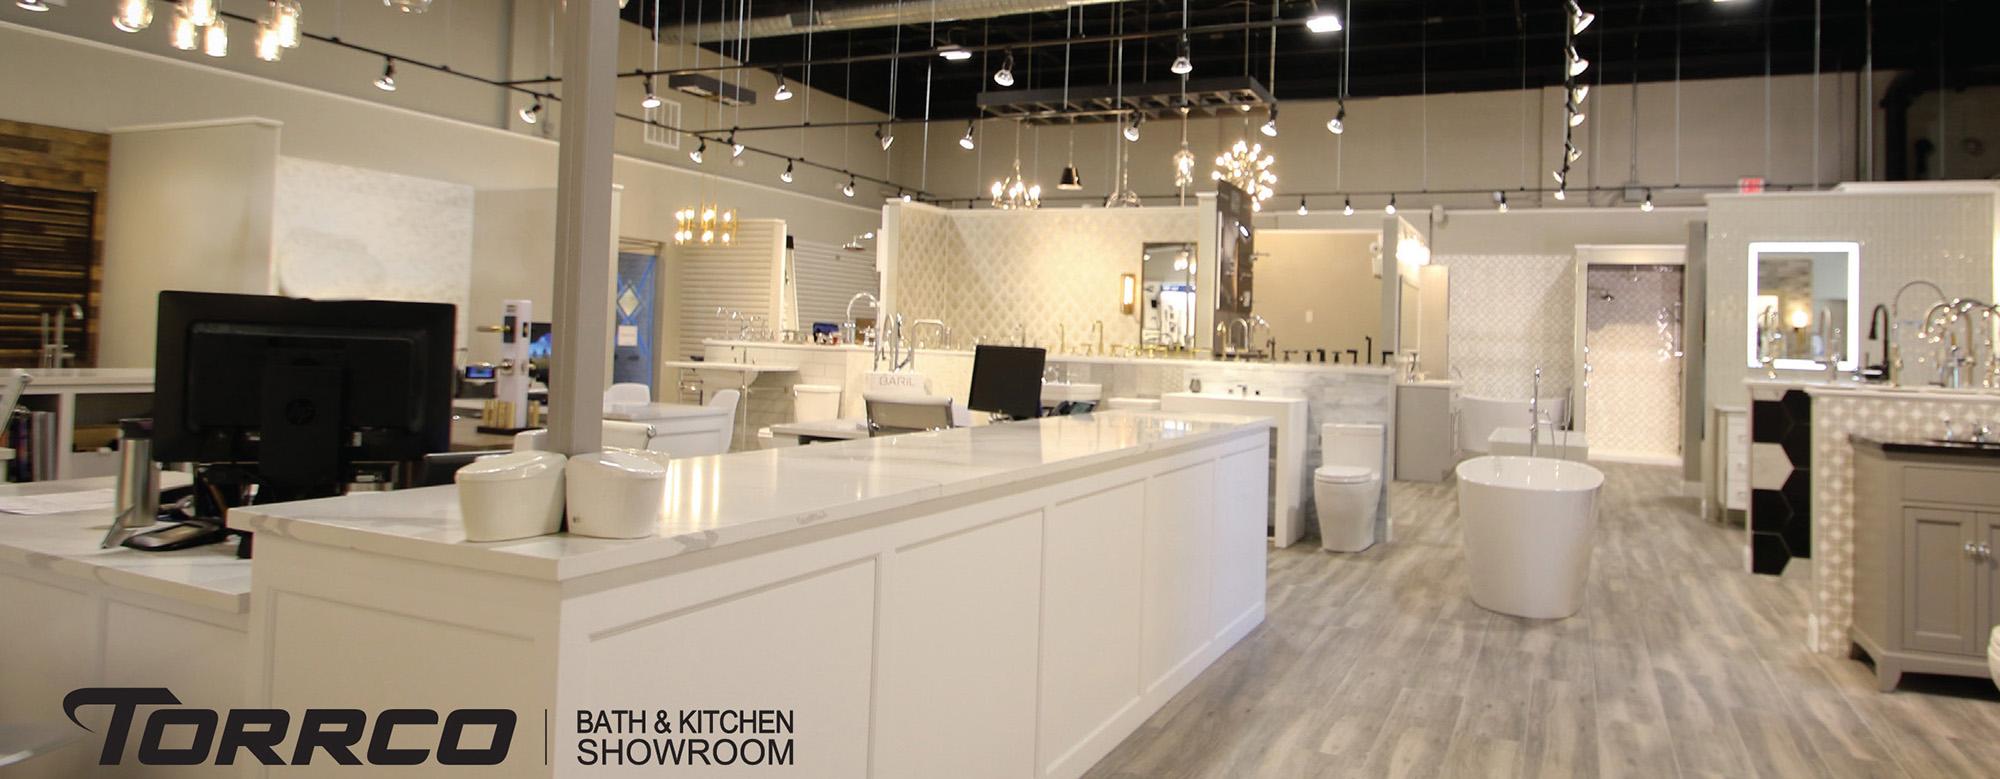 Torrco Design Center Kitchen Bath Hartford Stamford Danbury Fairfield New Haven Waterbury East Windsor